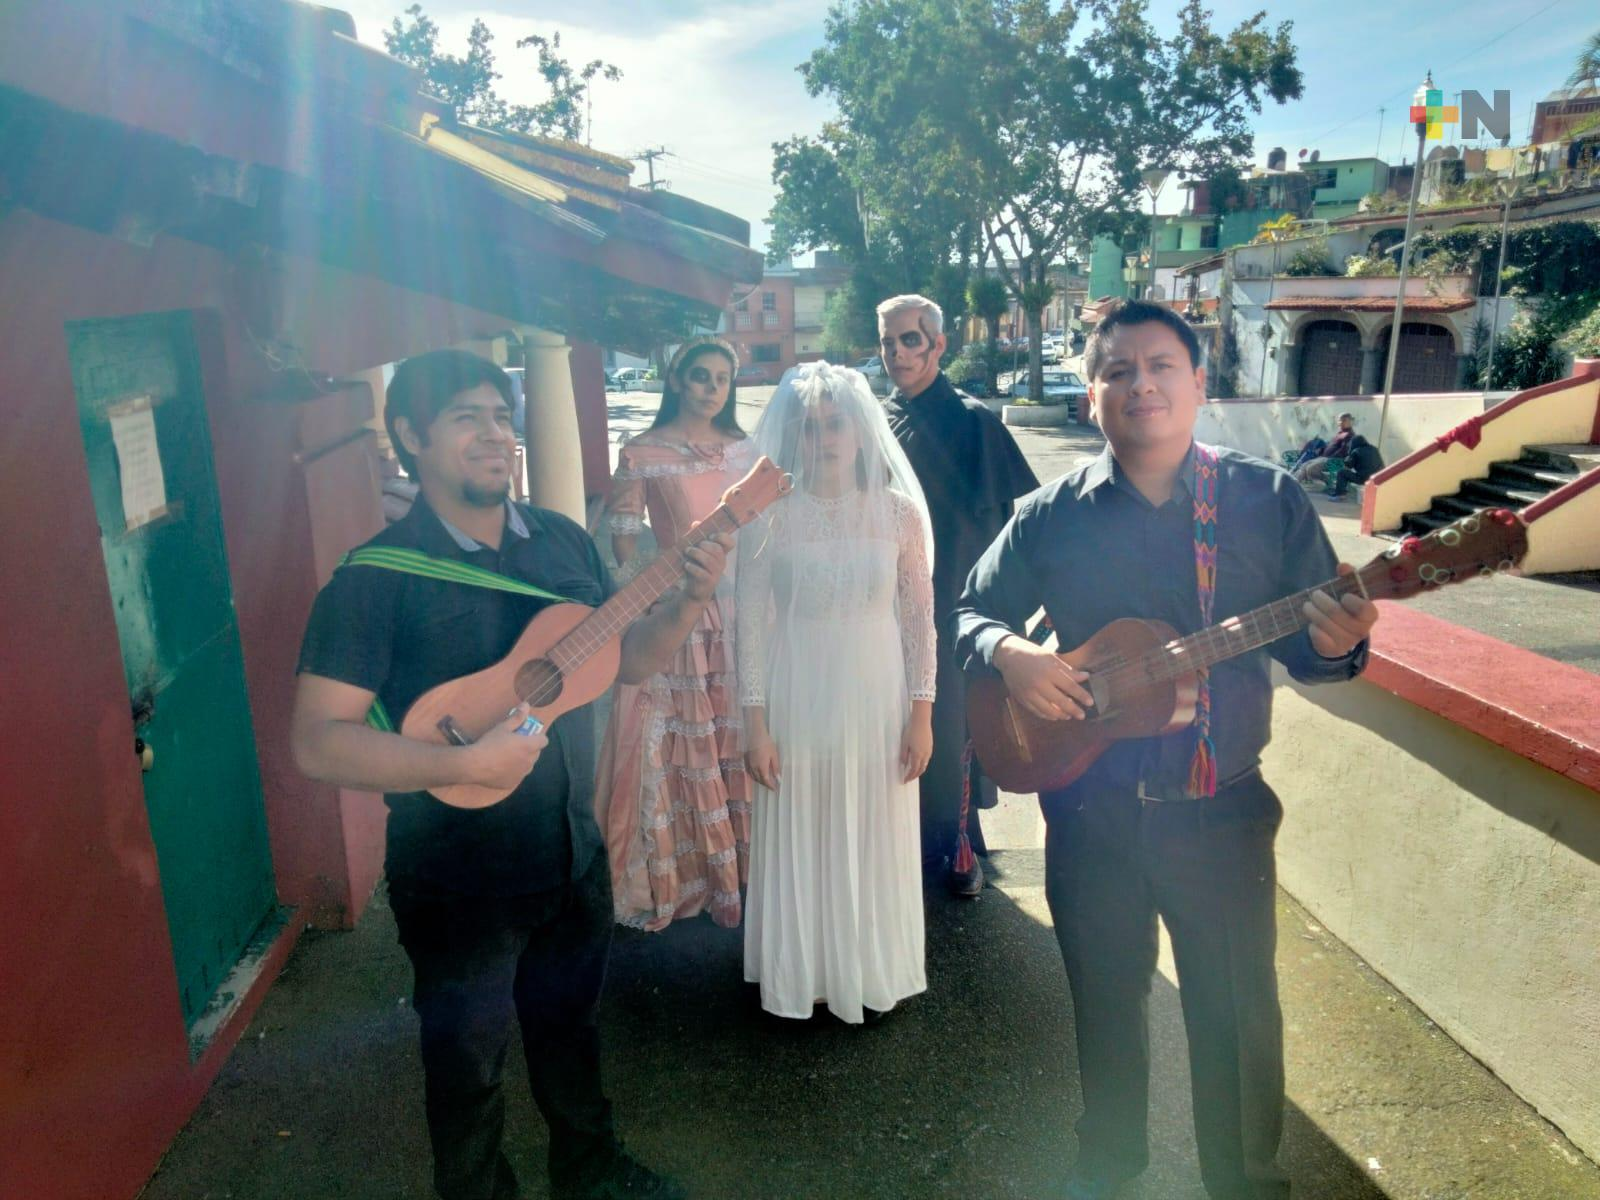 Grupo Jarocho Trip invita a su recorrido de leyendas, en Xalapa